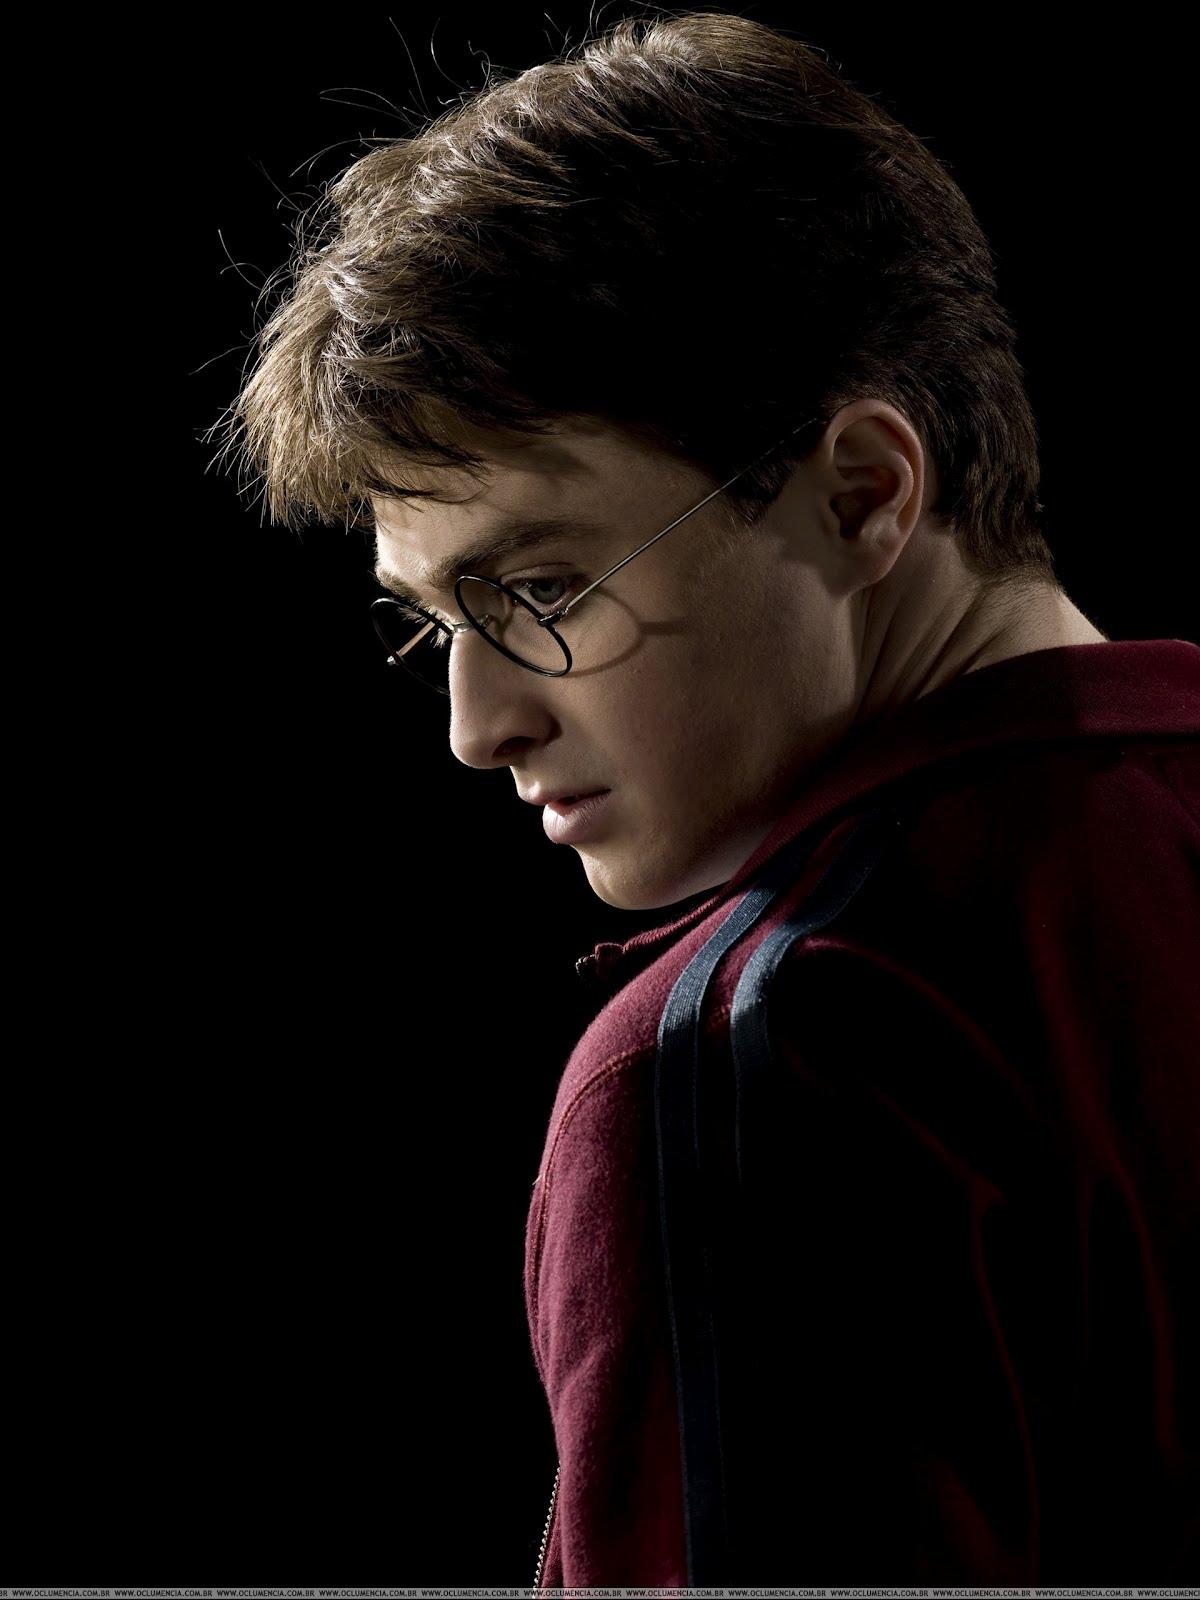 Daniel Radcliffe Hairstyles Cute Haircut Style Ideas